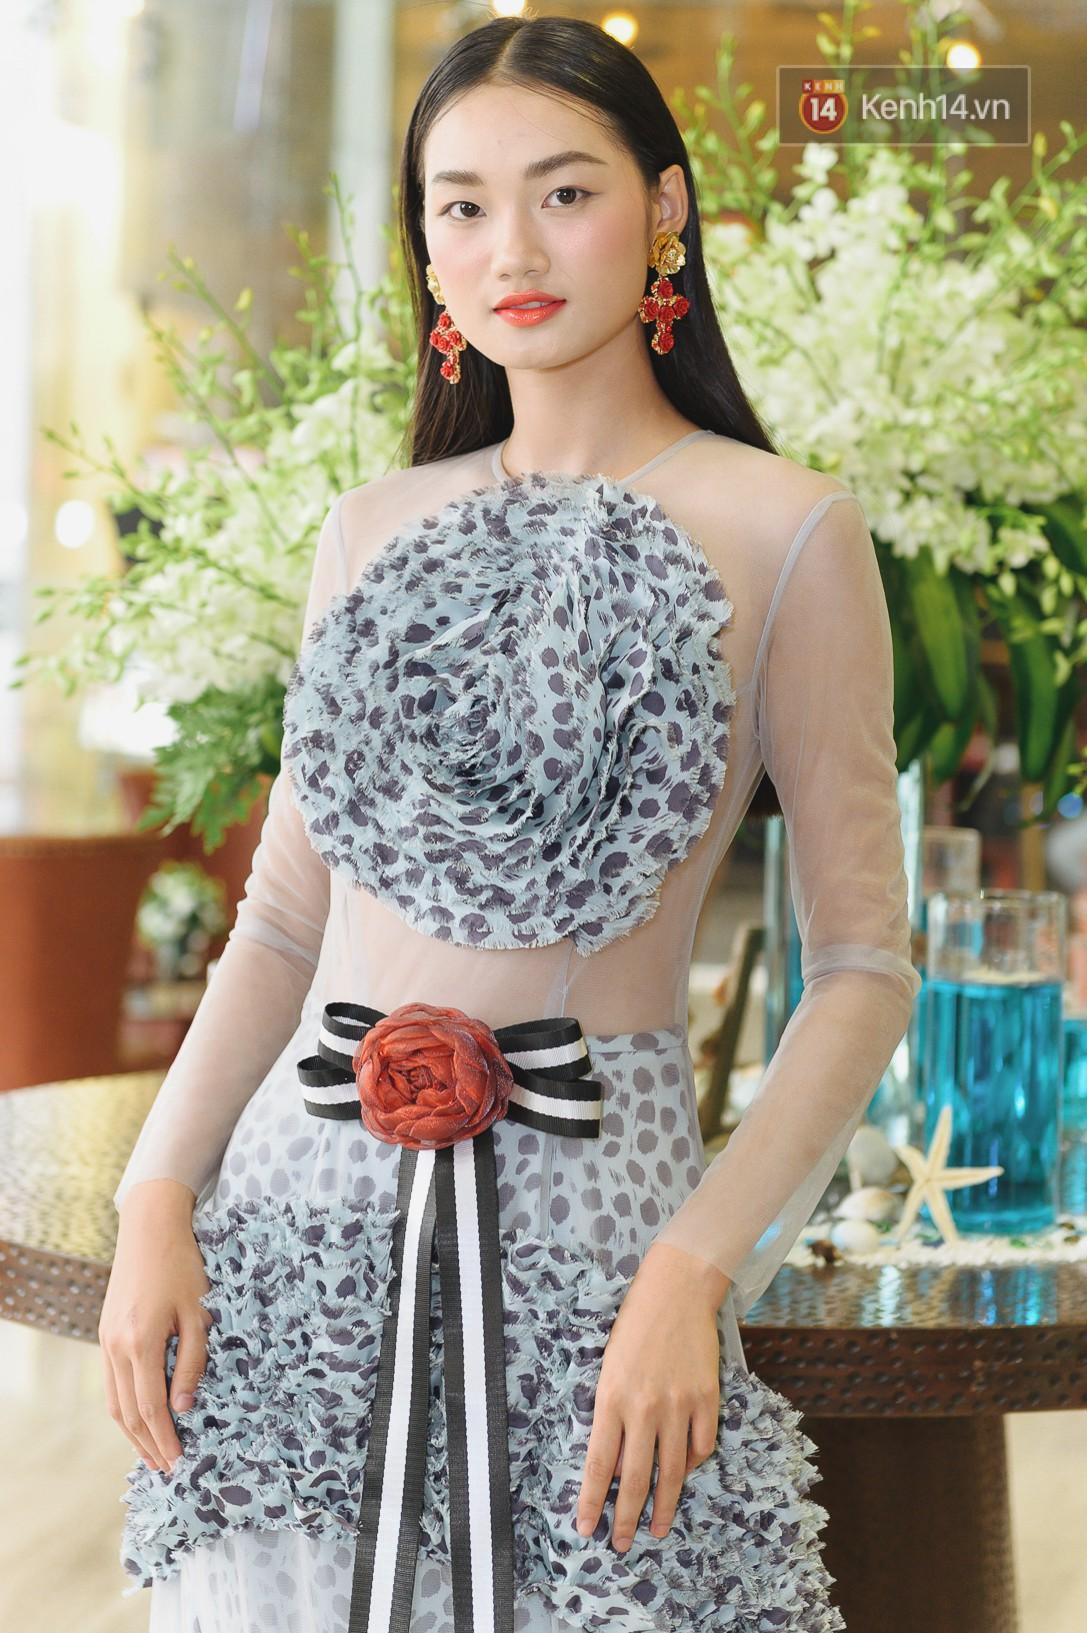 Tân Hoa hậu Siêu quốc gia 2018 phản ứng bất ngờ về loạt scandal của Minh Tú tại Miss Supranational 2018 - Ảnh 18.